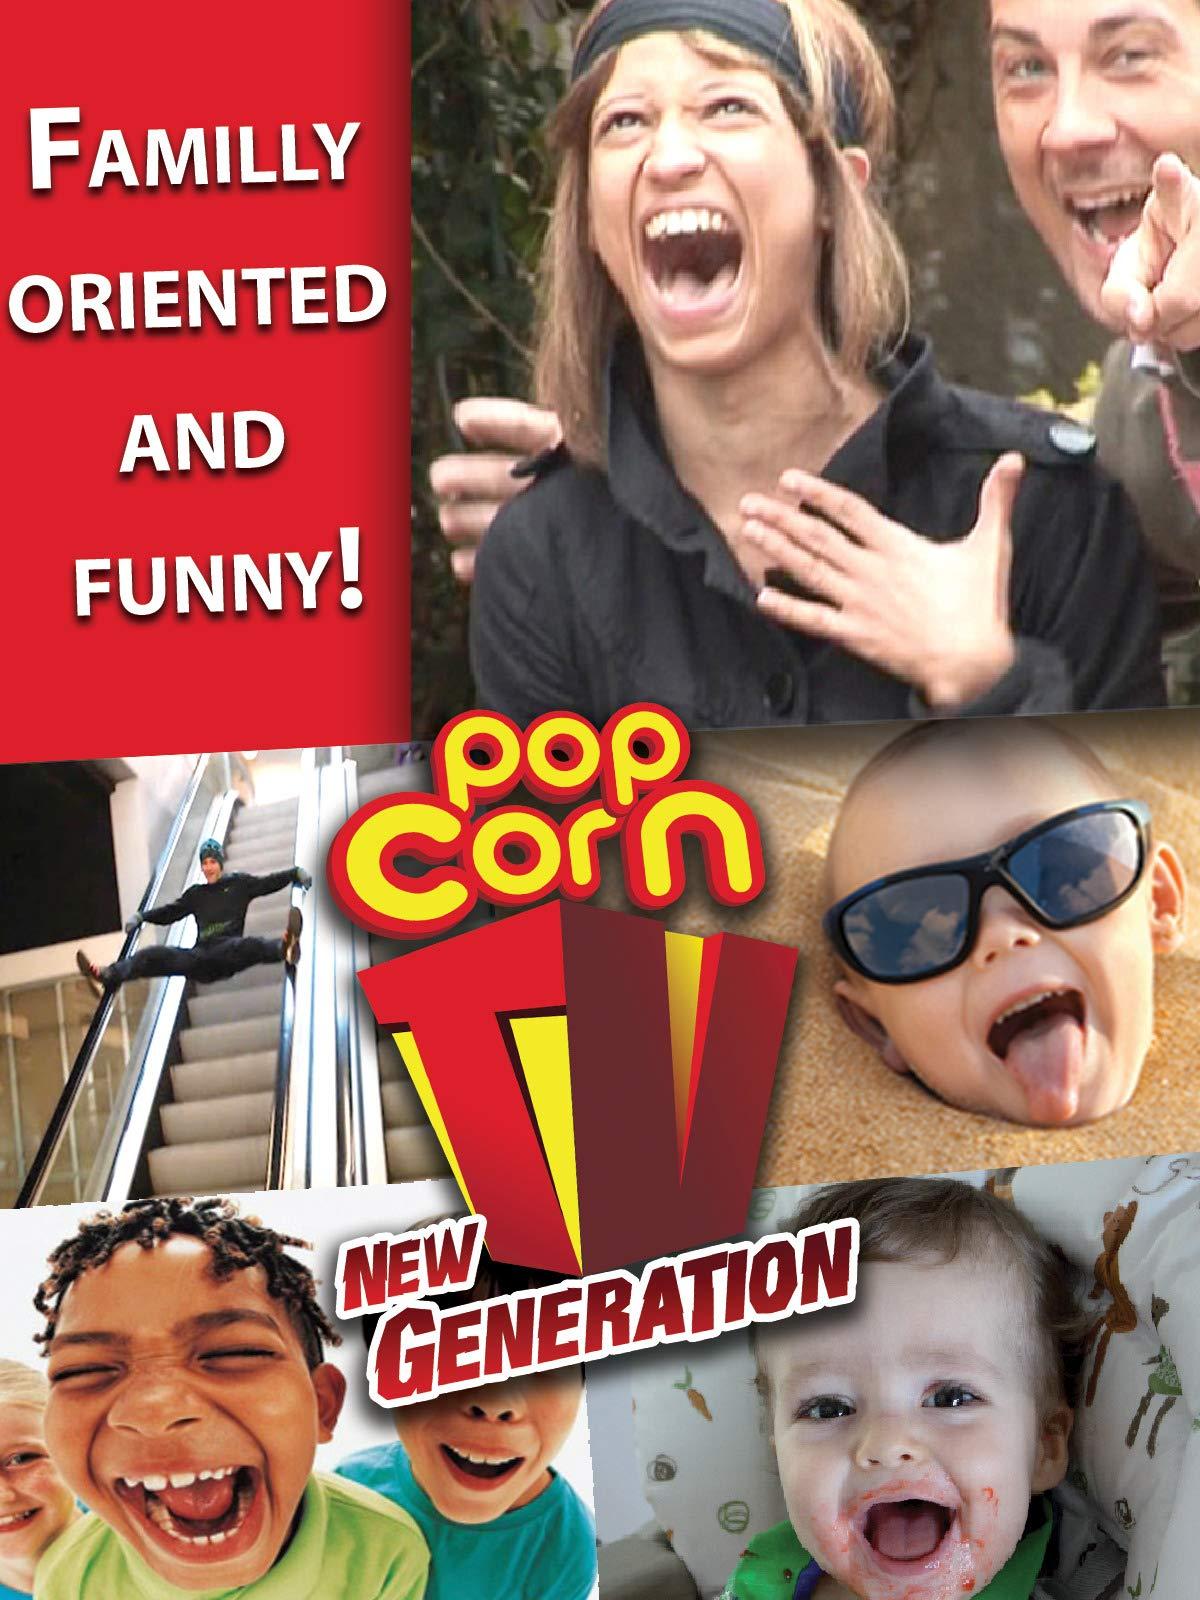 Clip: Pop Corn TV - New Generation